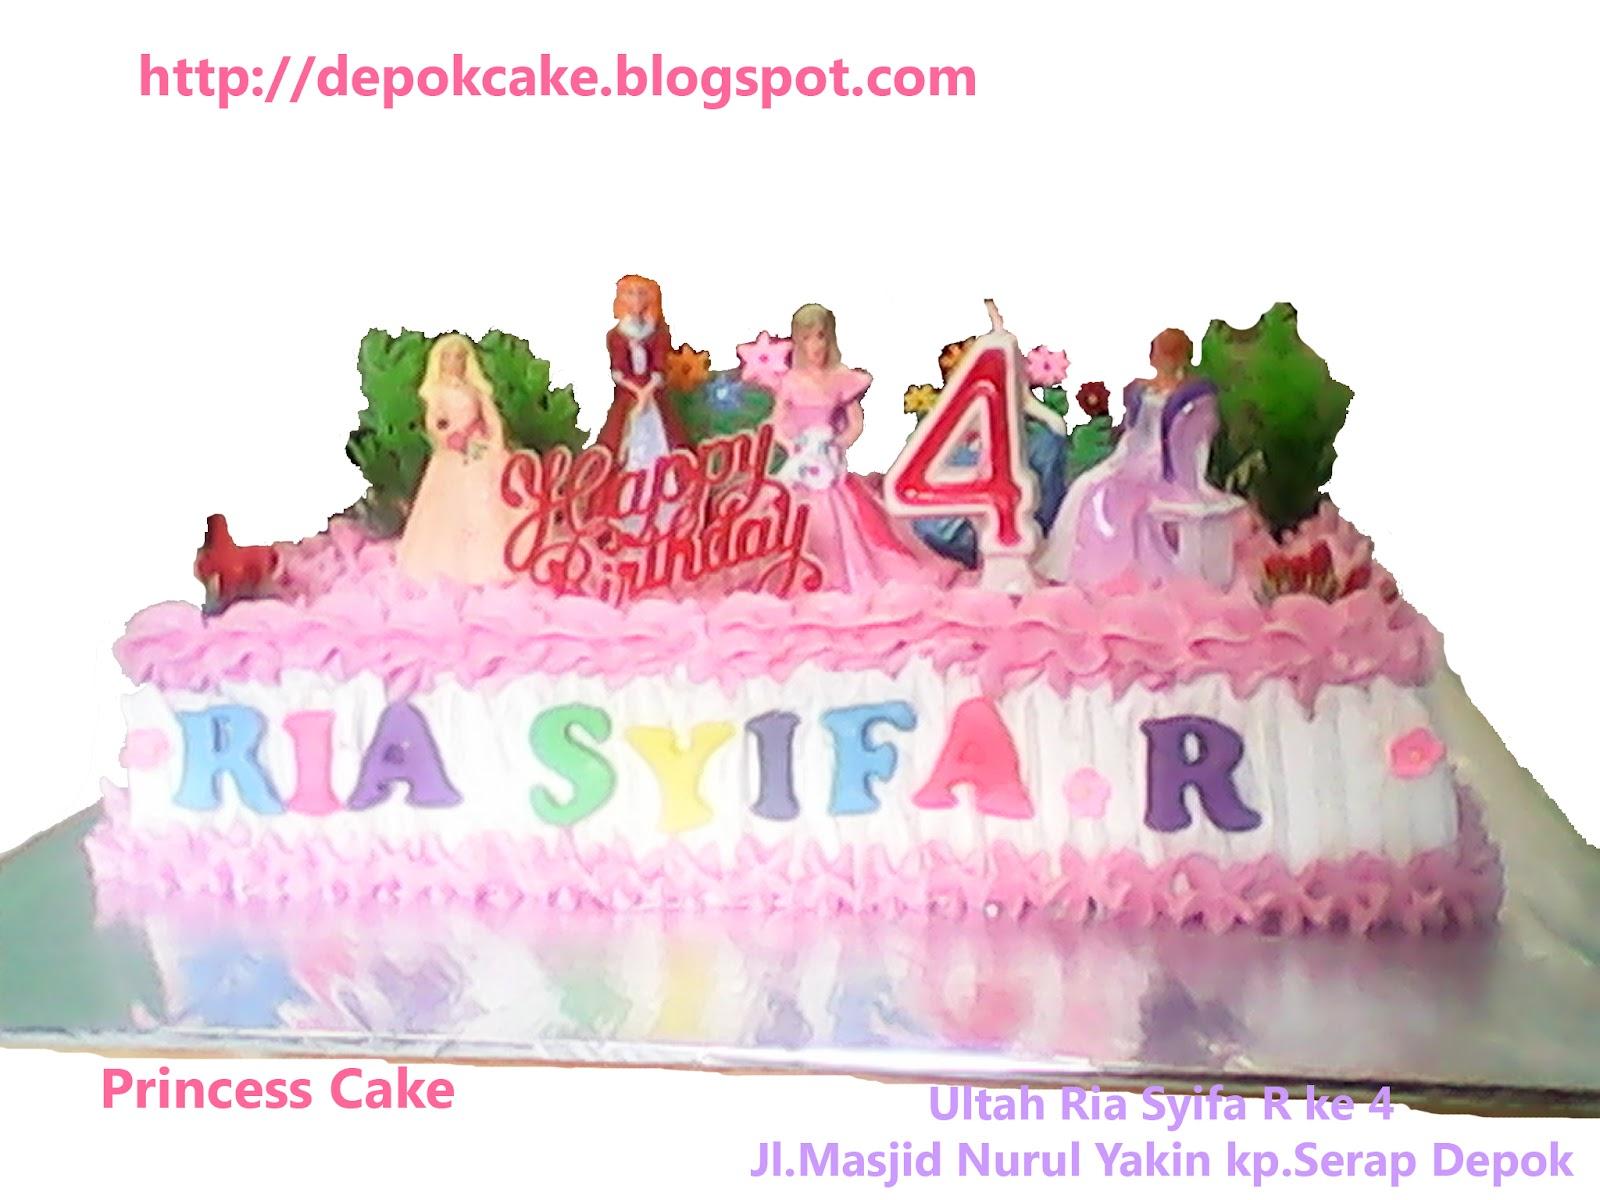 Depok Cake Kue Ulang Tahun Anak